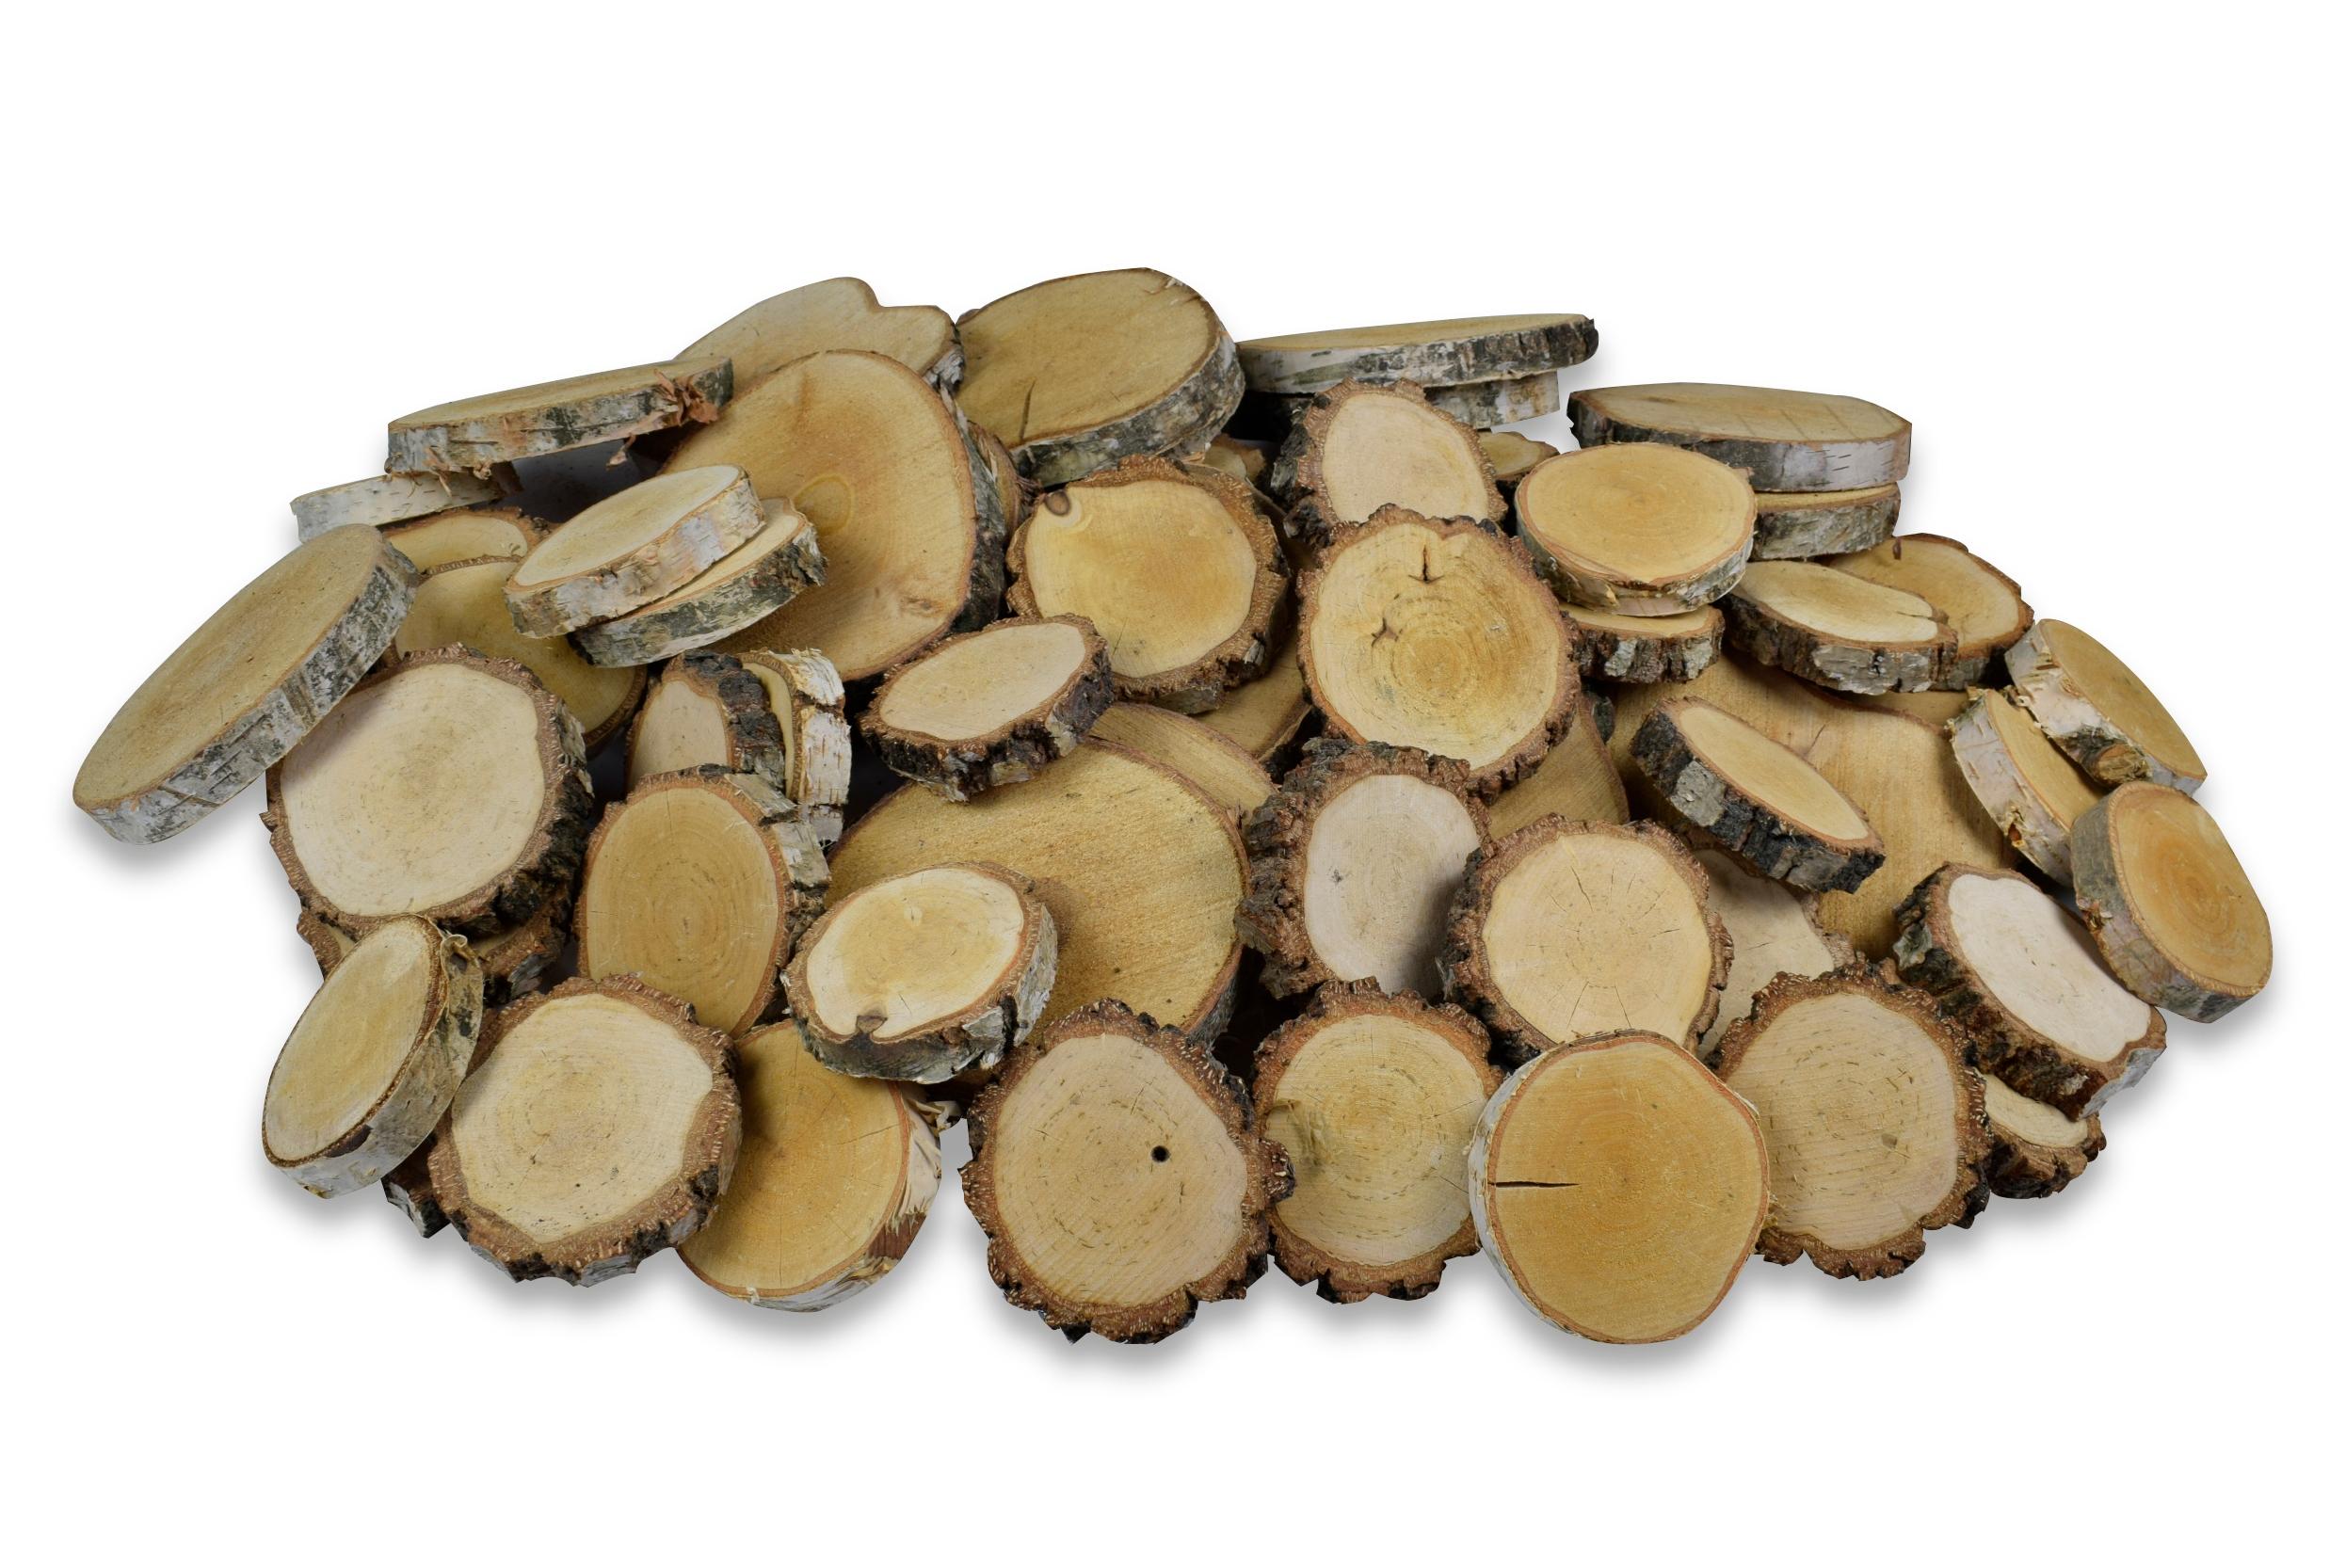 Krążki brzozowe, 1m2, panele drewniane, 2 cm